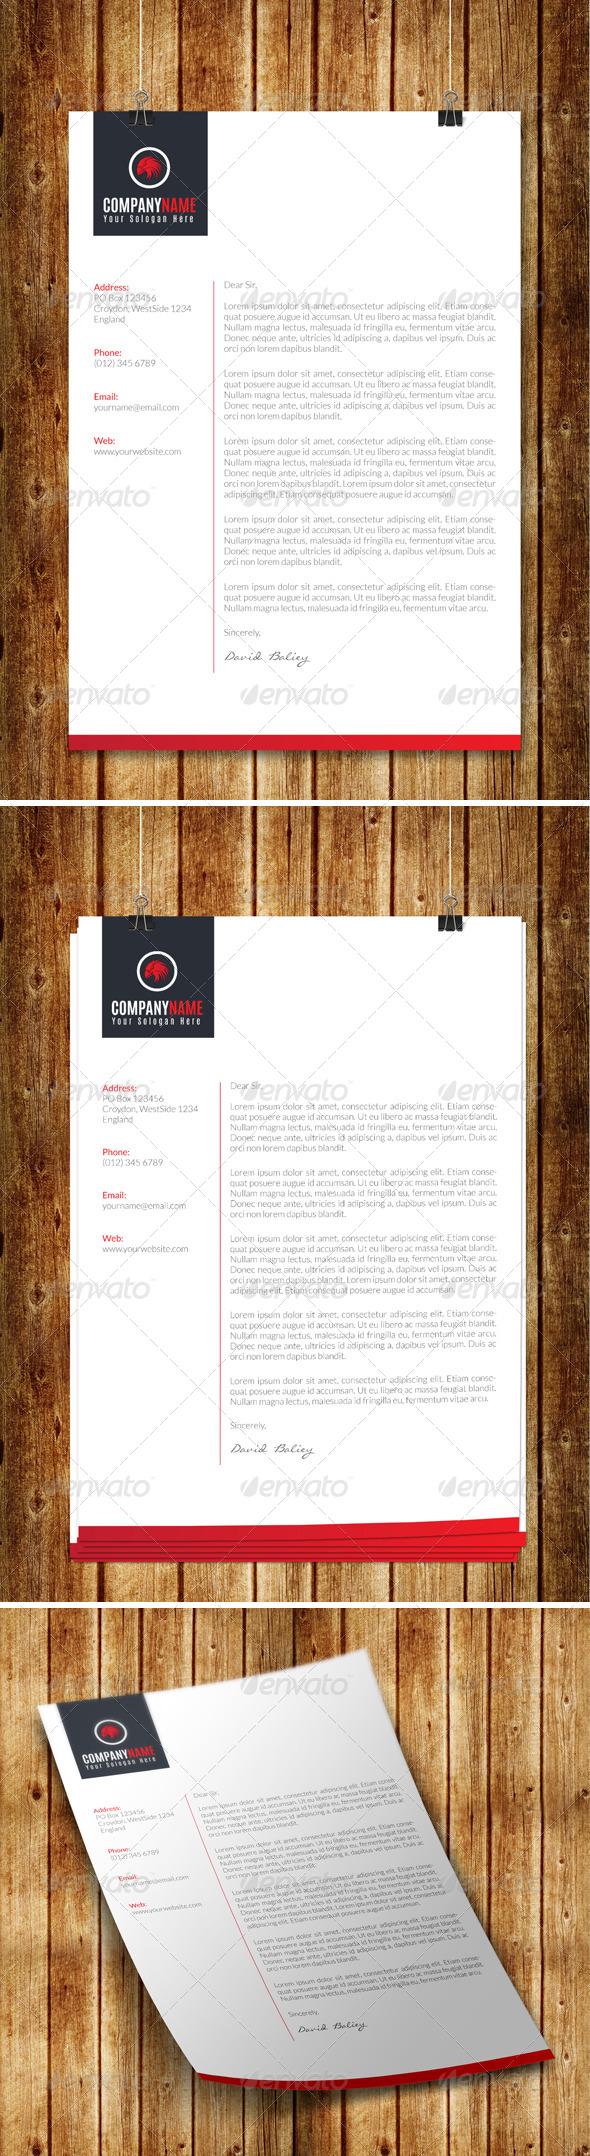 GraphicRiver Creative Corporate Letterhead 8109594